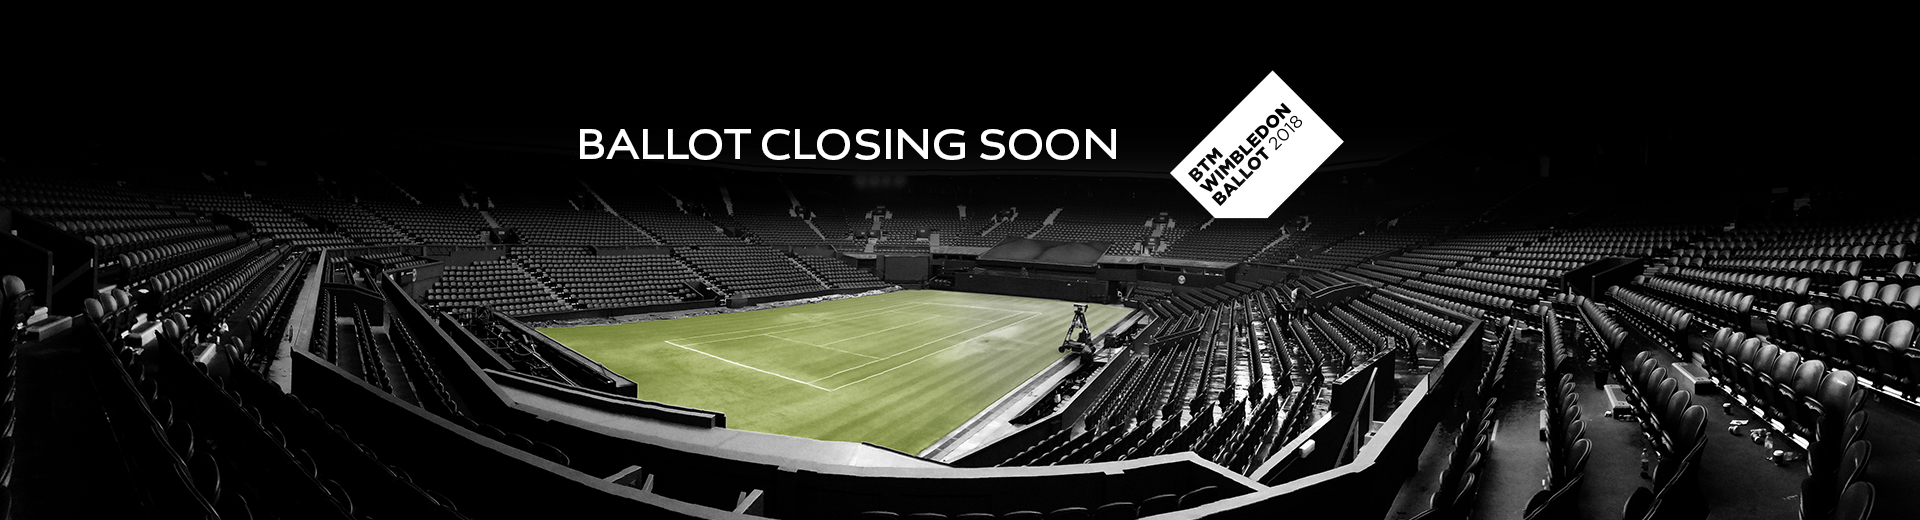 Opt In to the BTM Wimbledon Ballot